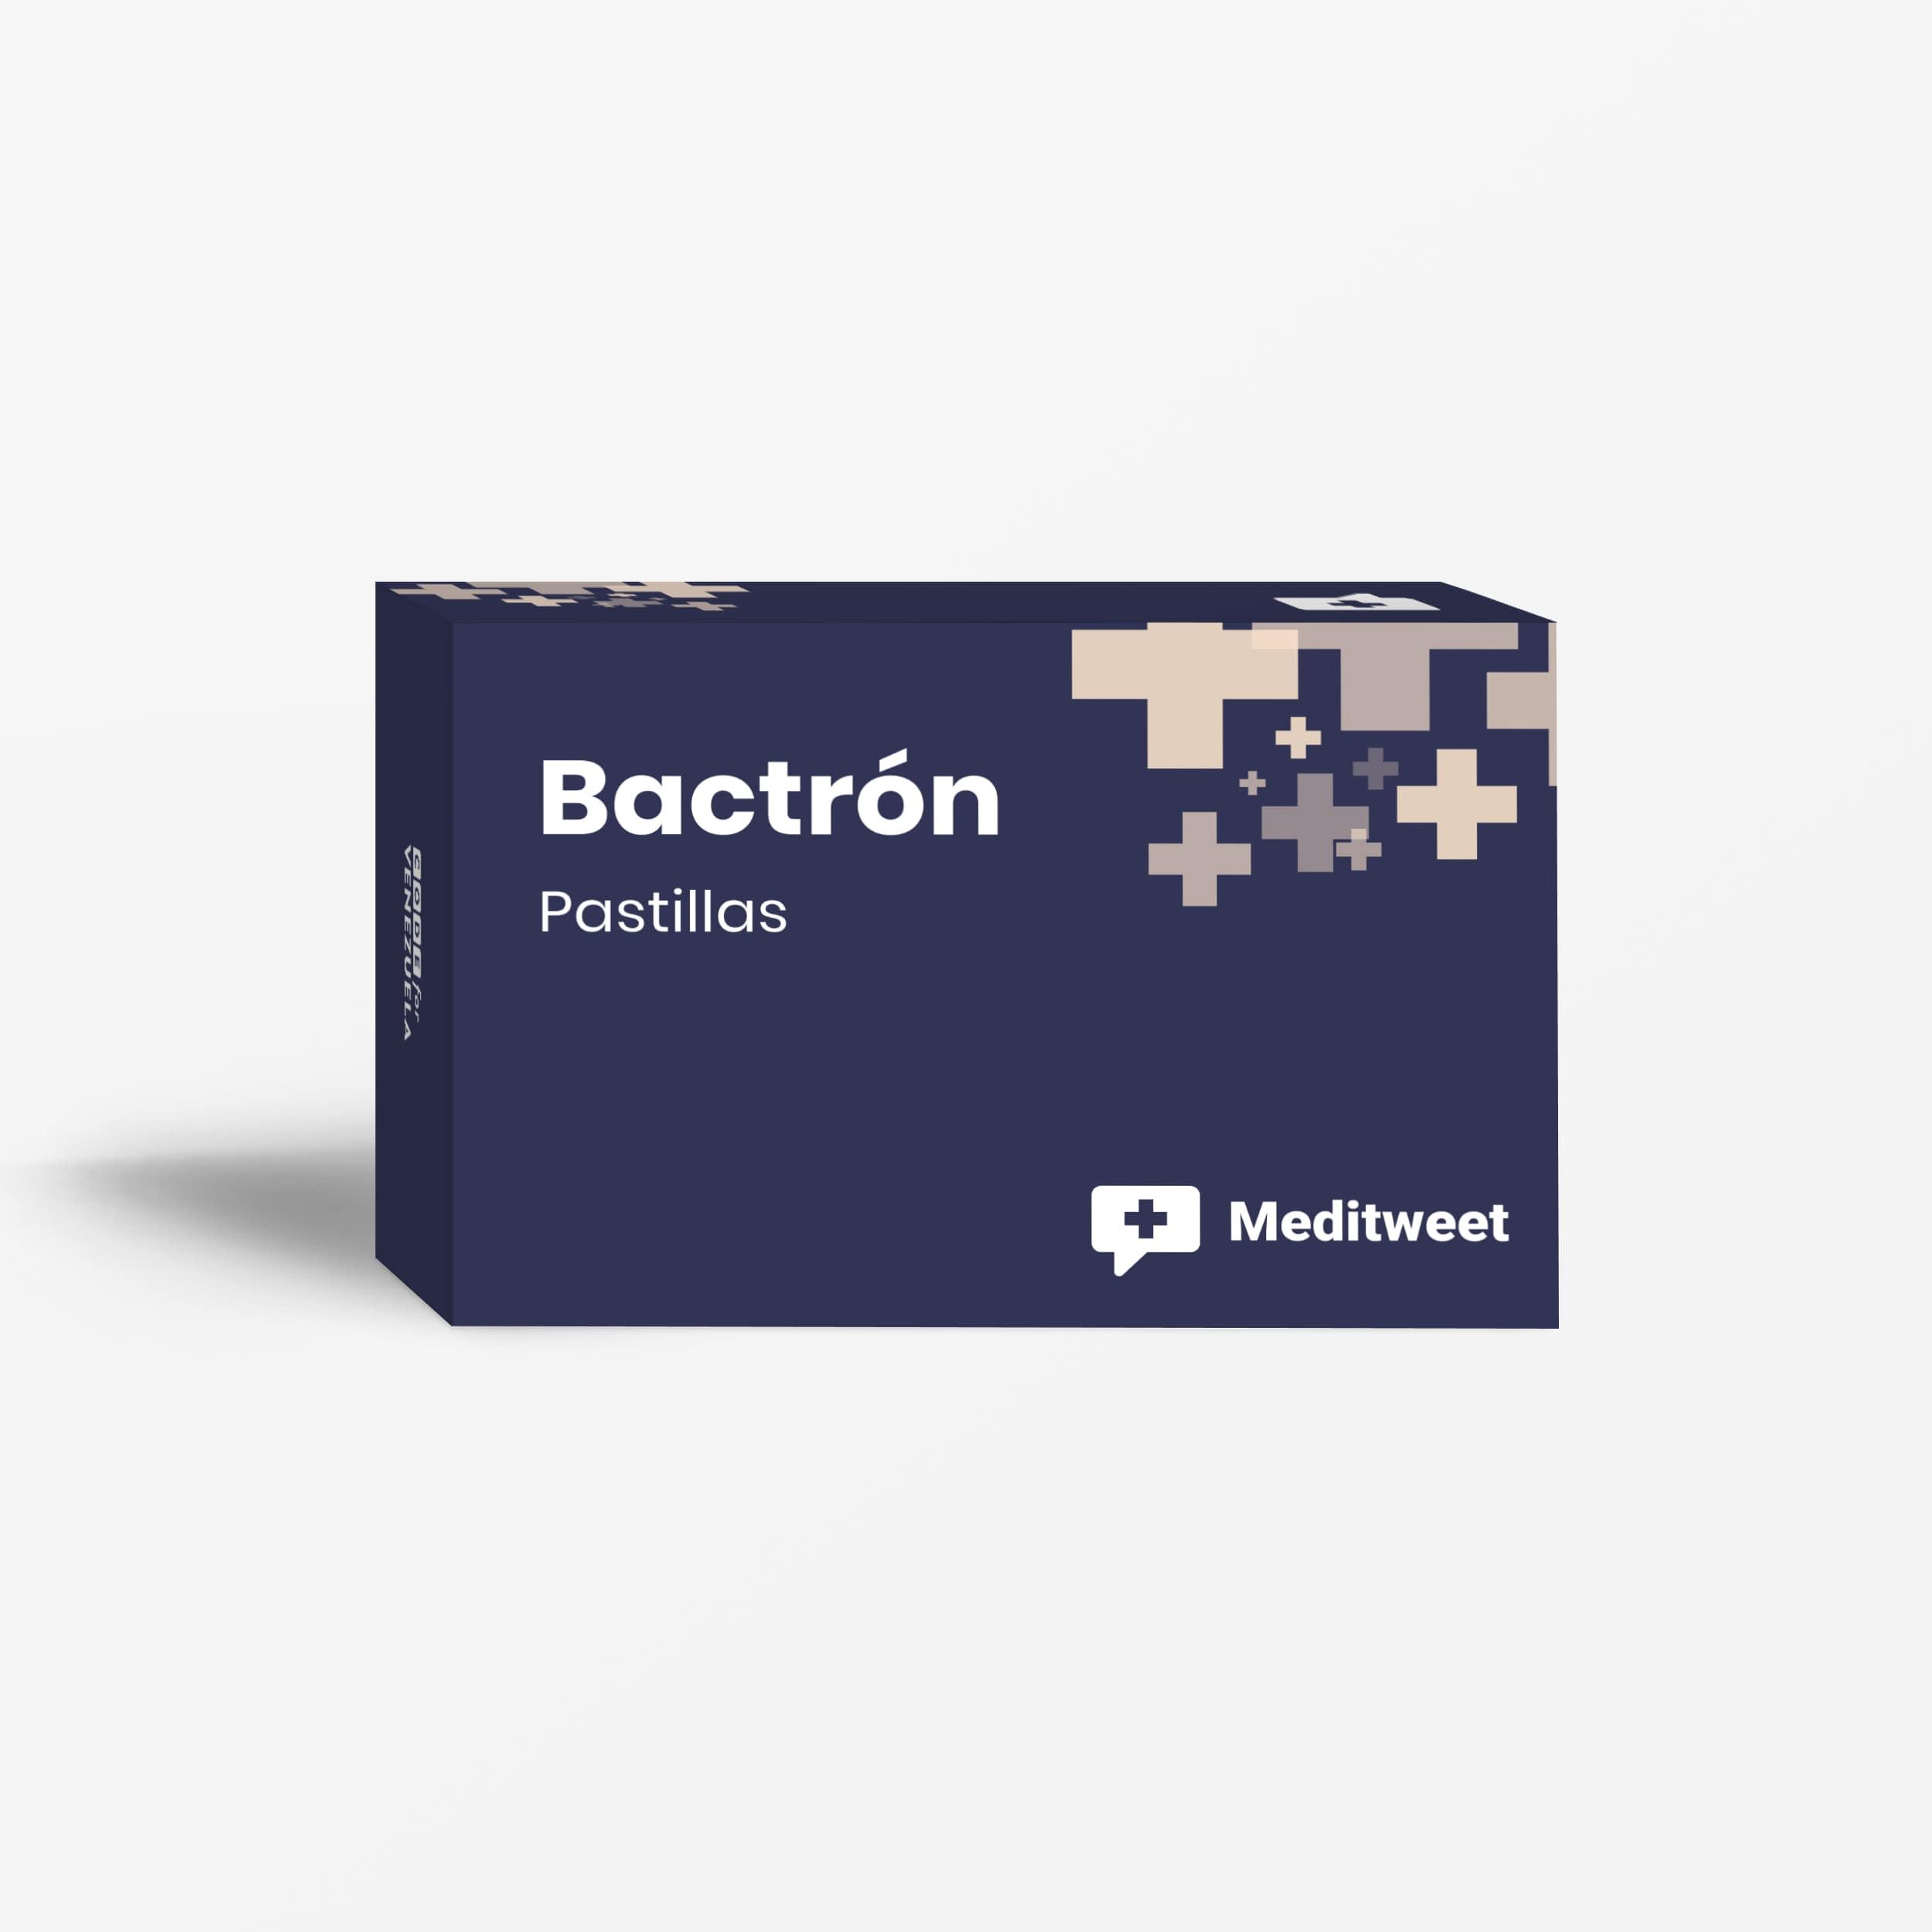 Bactrón: qué es, para qué sirve y dónde conseguirlo